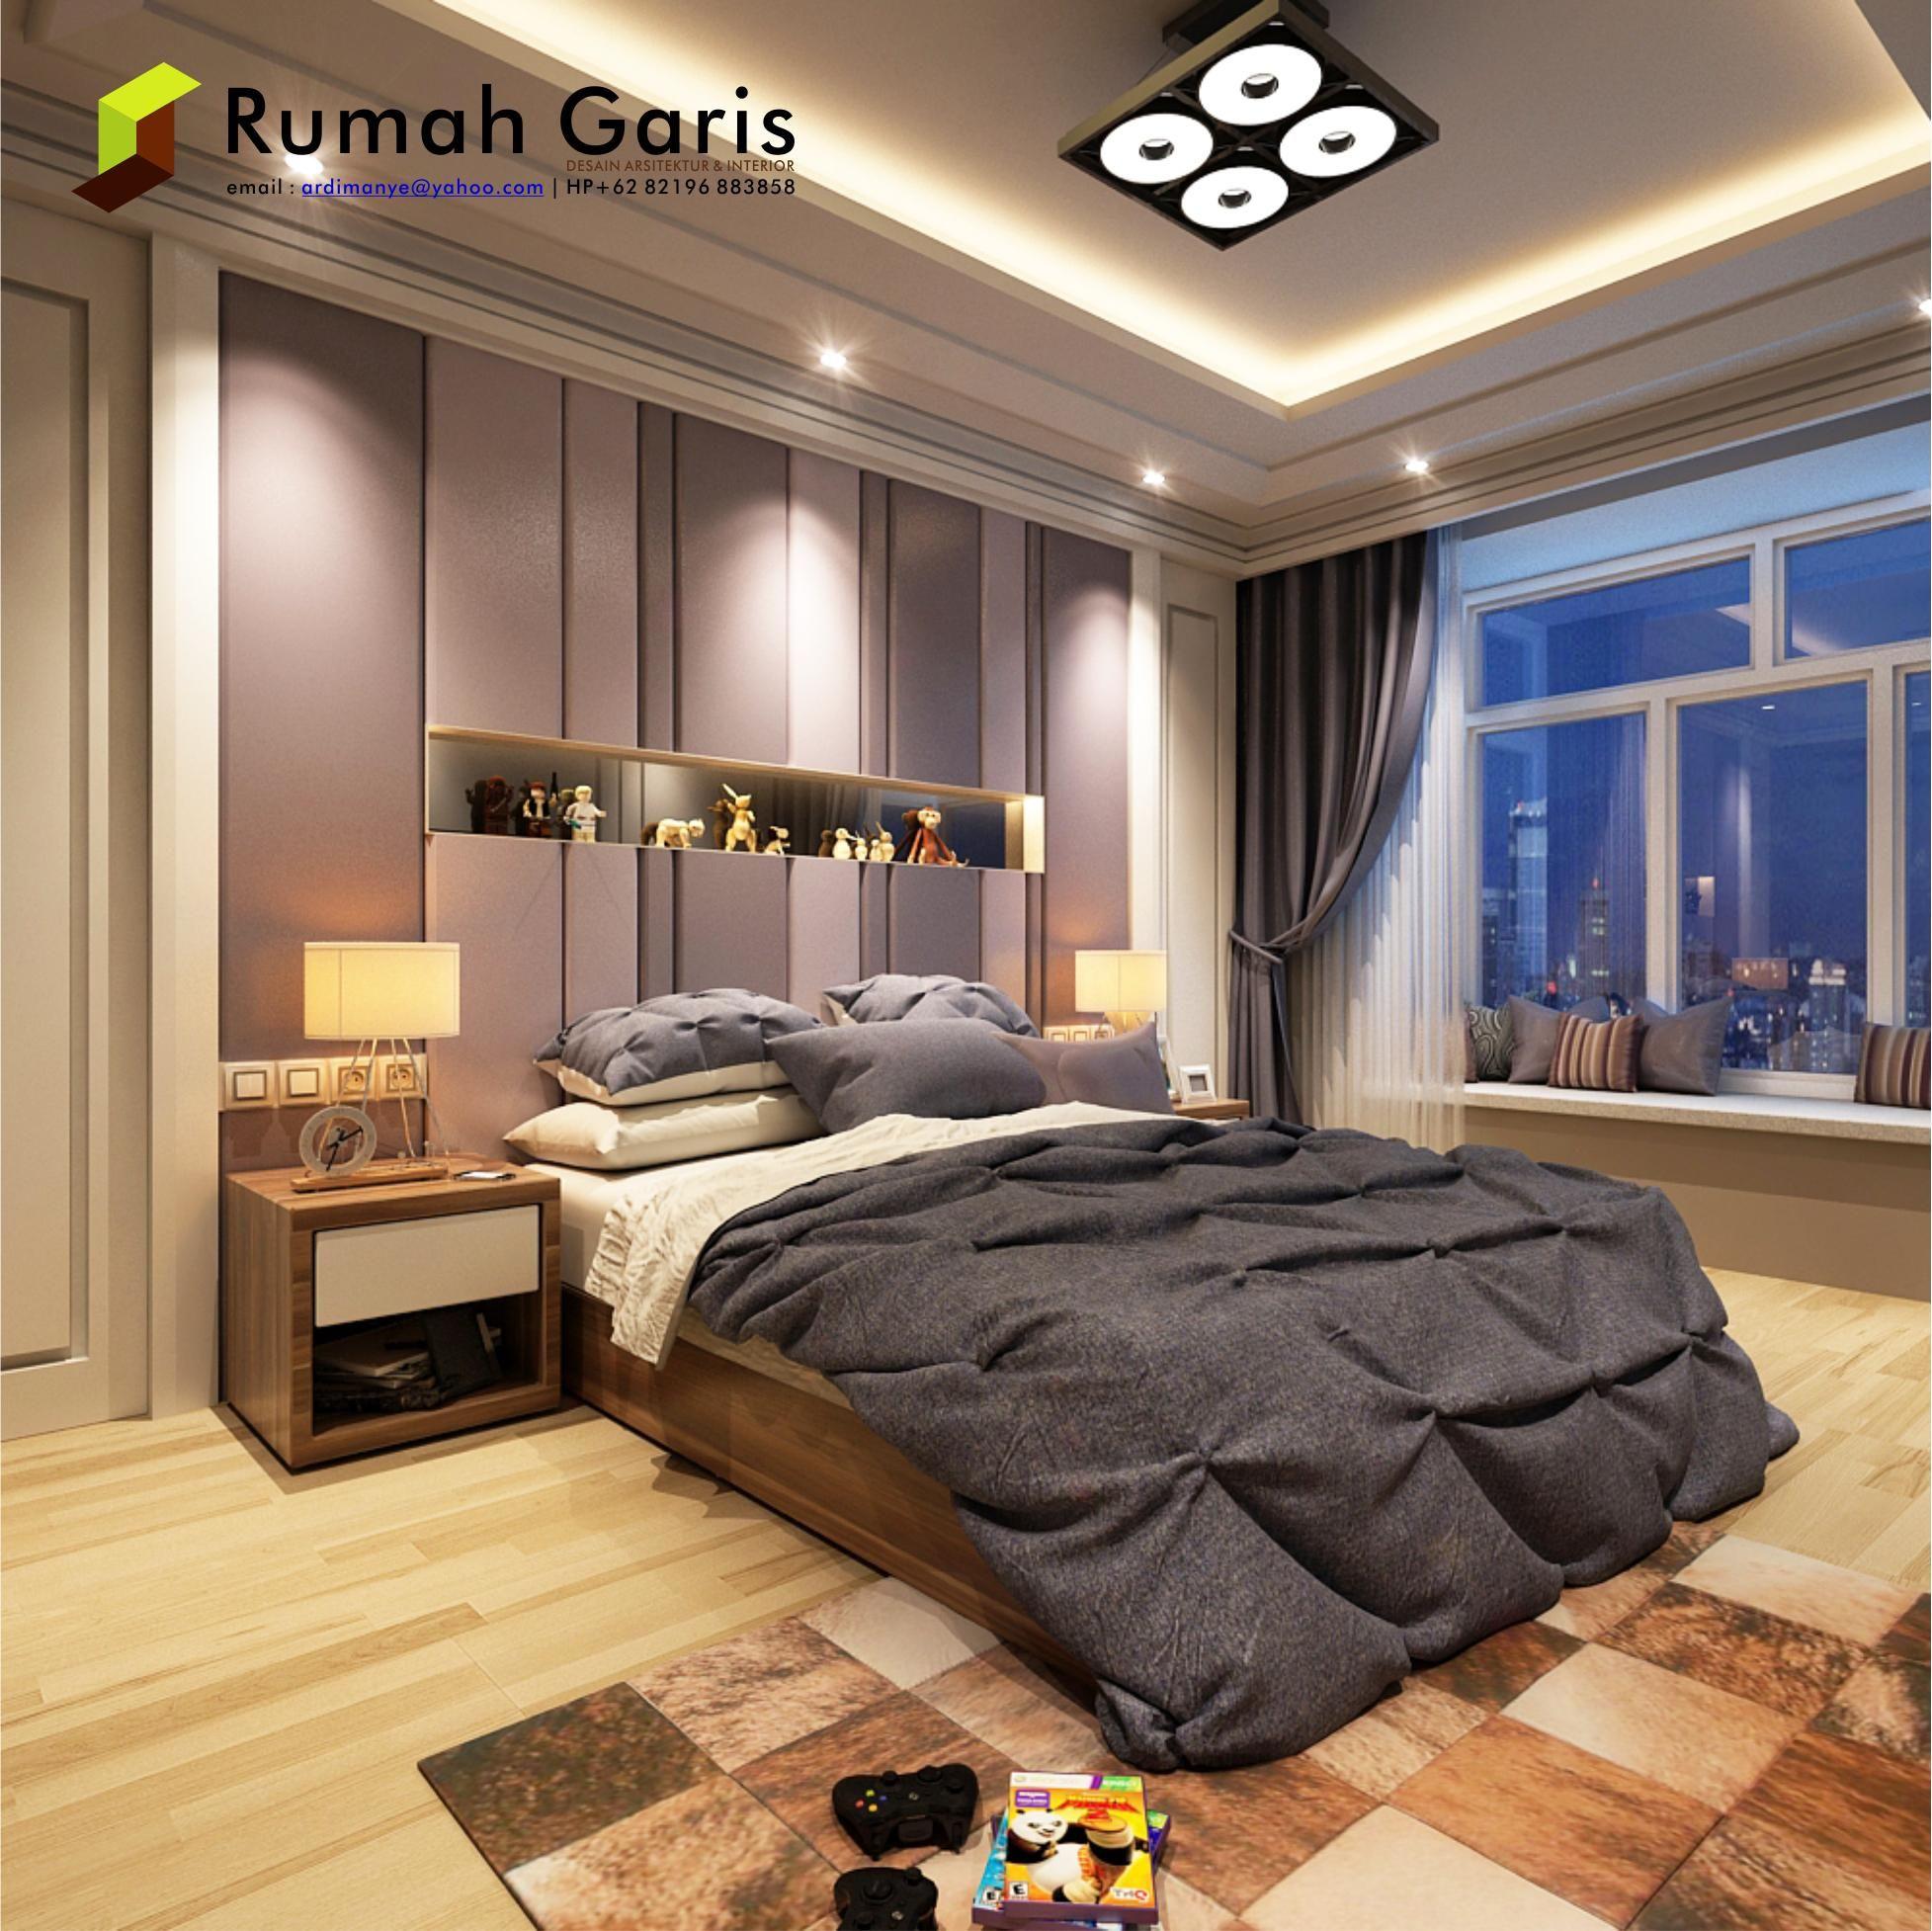 Kamar Tidur Dengan Desain Dinding Garis-garis | Desain ...